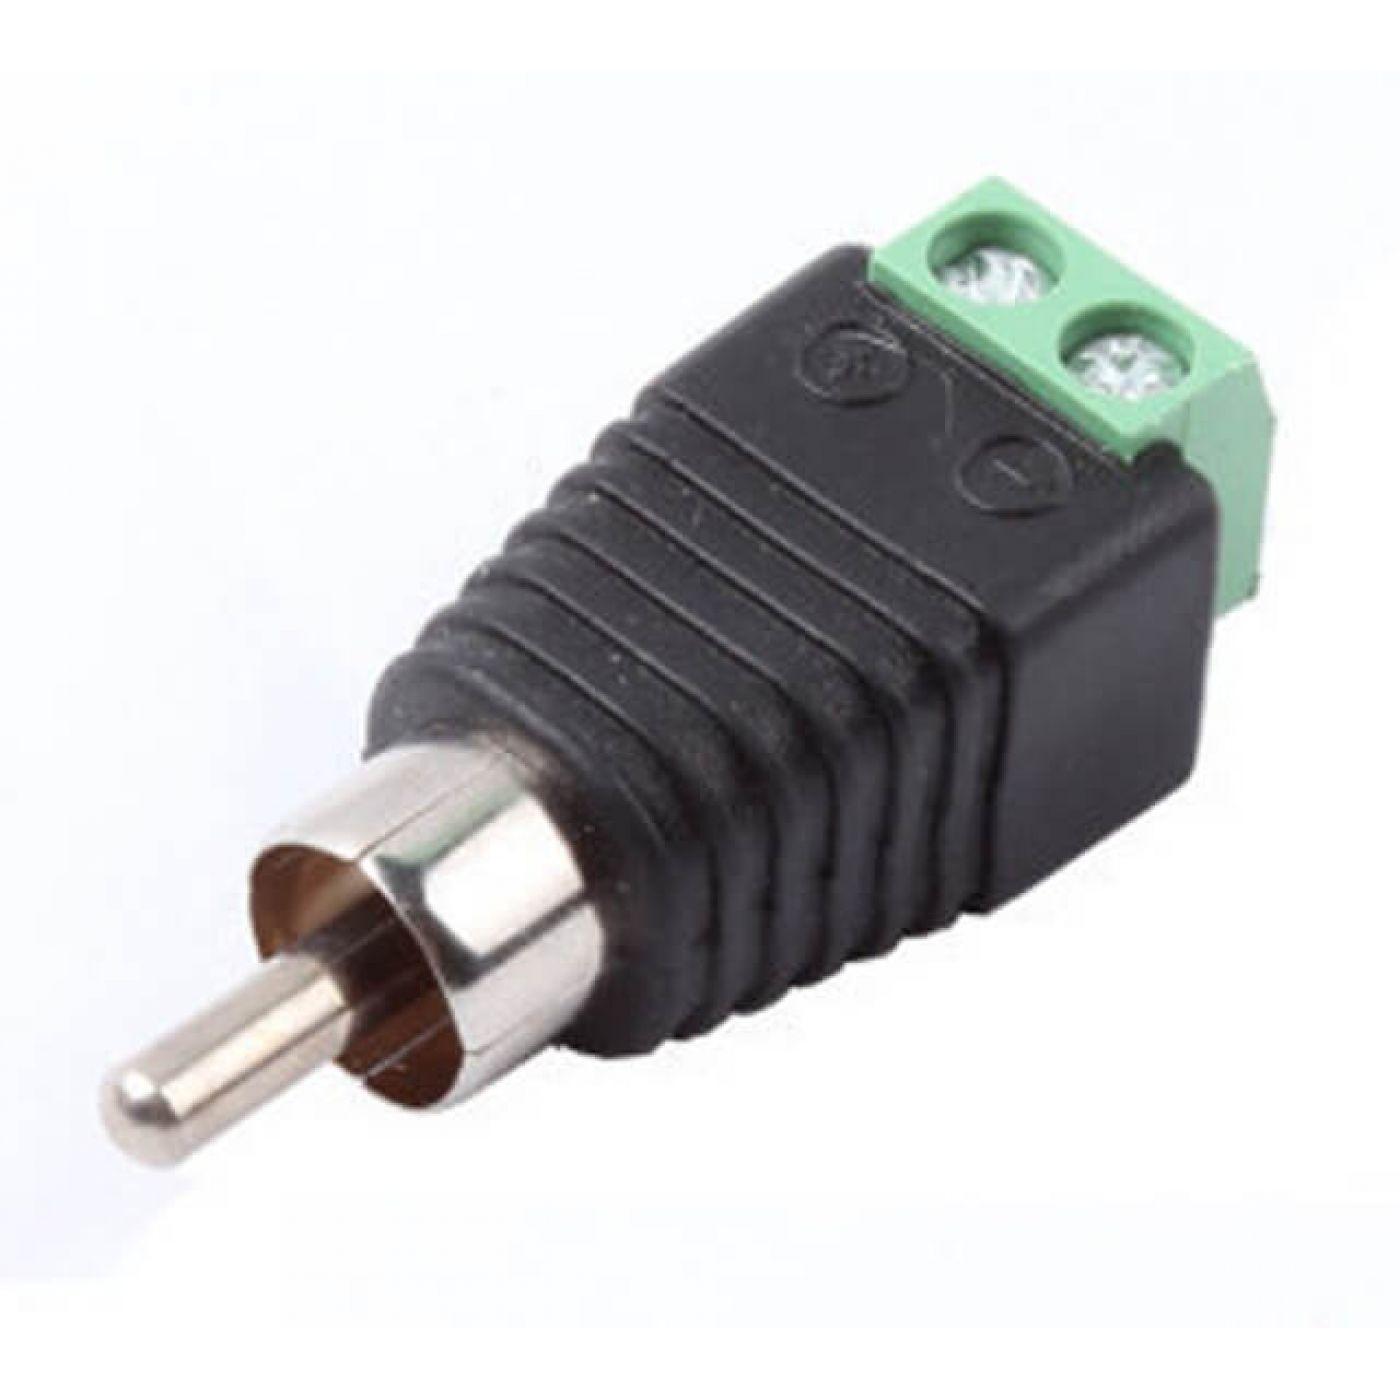 Разъем RCA для передачи звука от микрофона к видеорегистратору